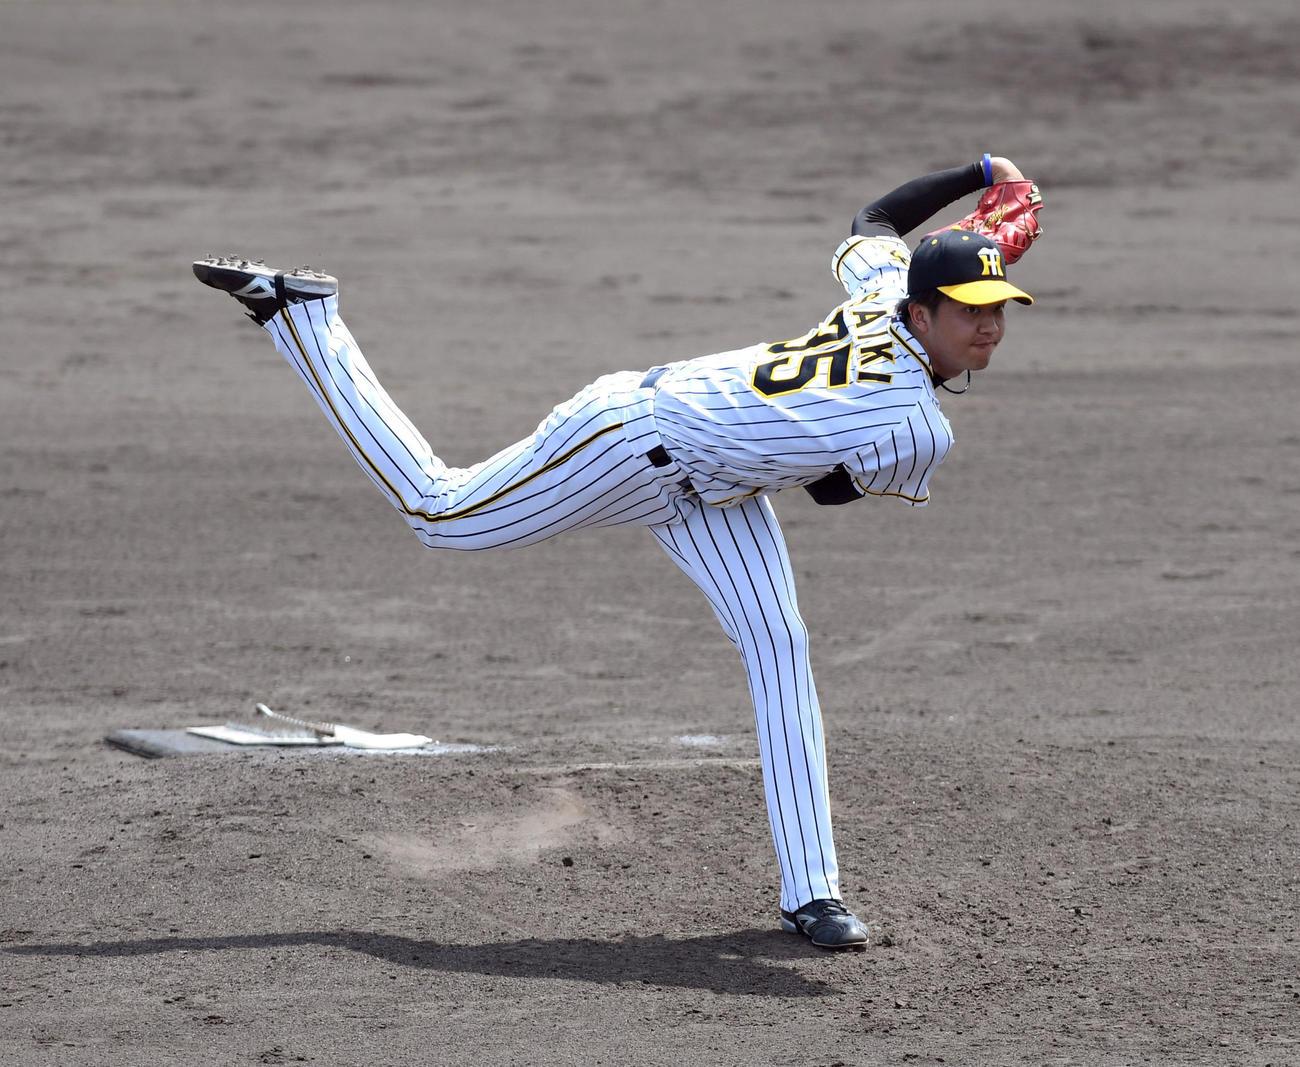 阪神対ソフトバンク 2番手で登板し力投する才木(代表撮影)